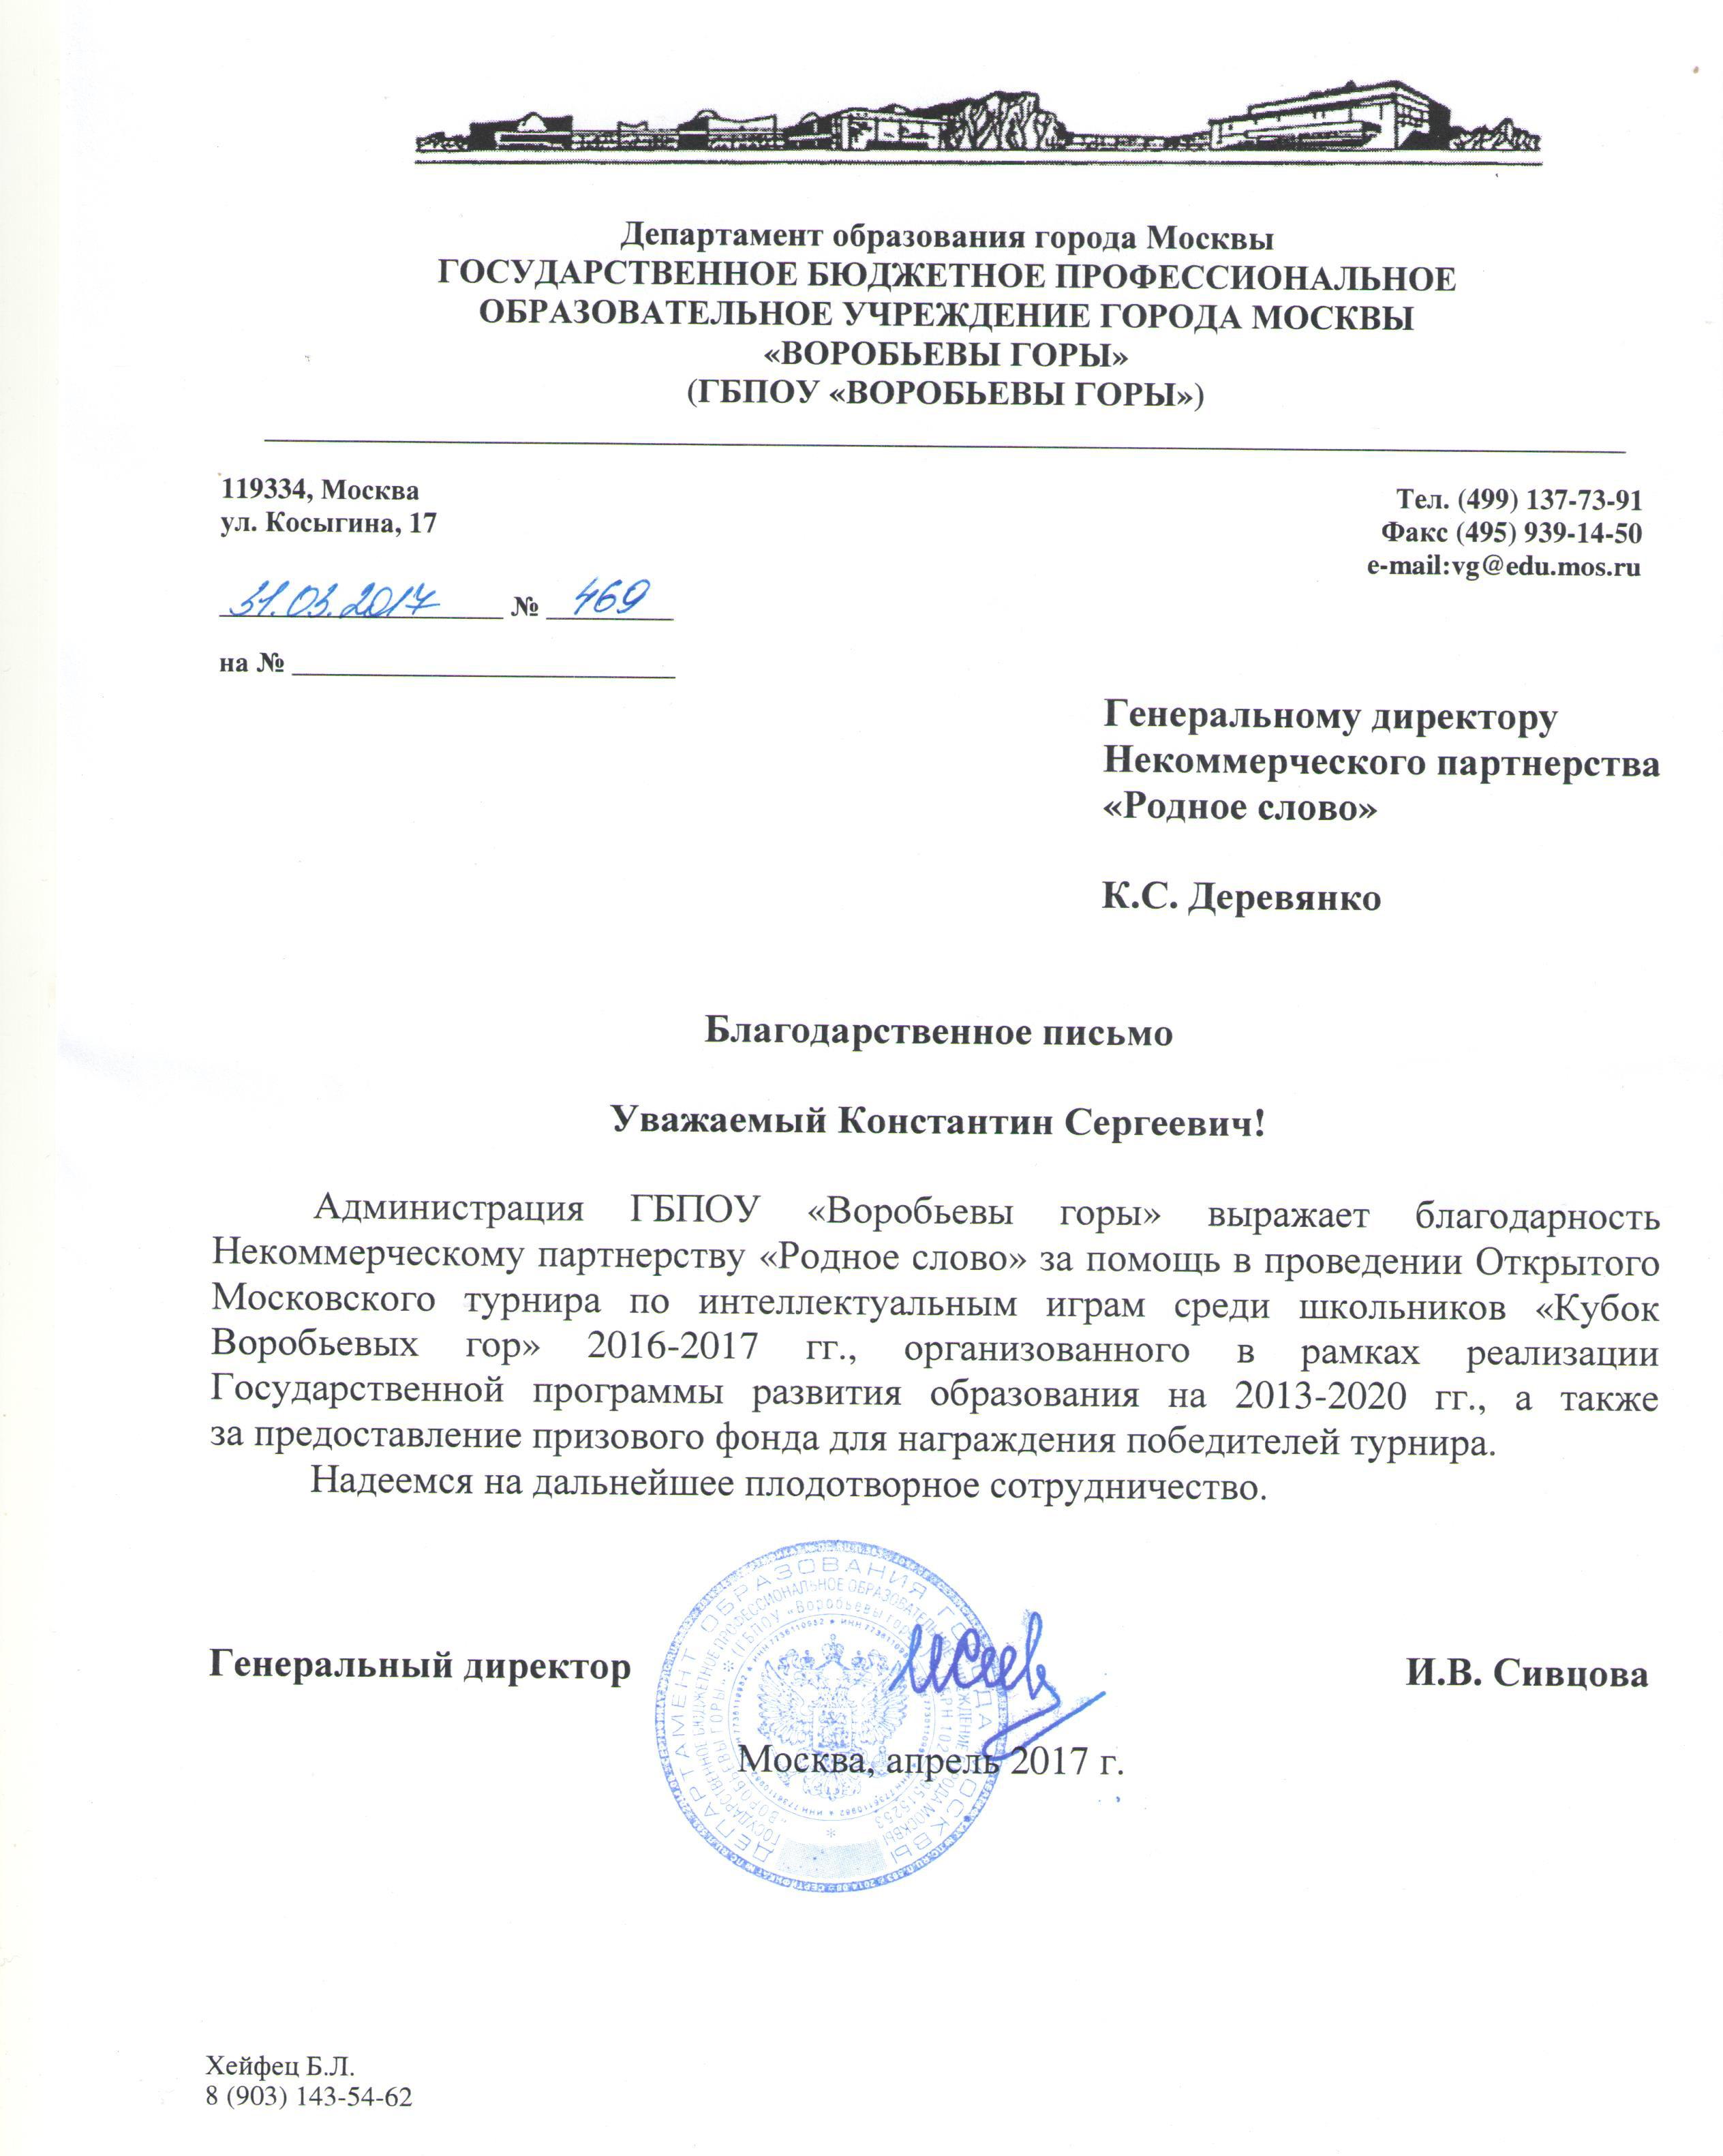 Благодарность НП «Родное слово» за помощь в проведении турнира от администрации ГБПОУ «Воробьевы горы»